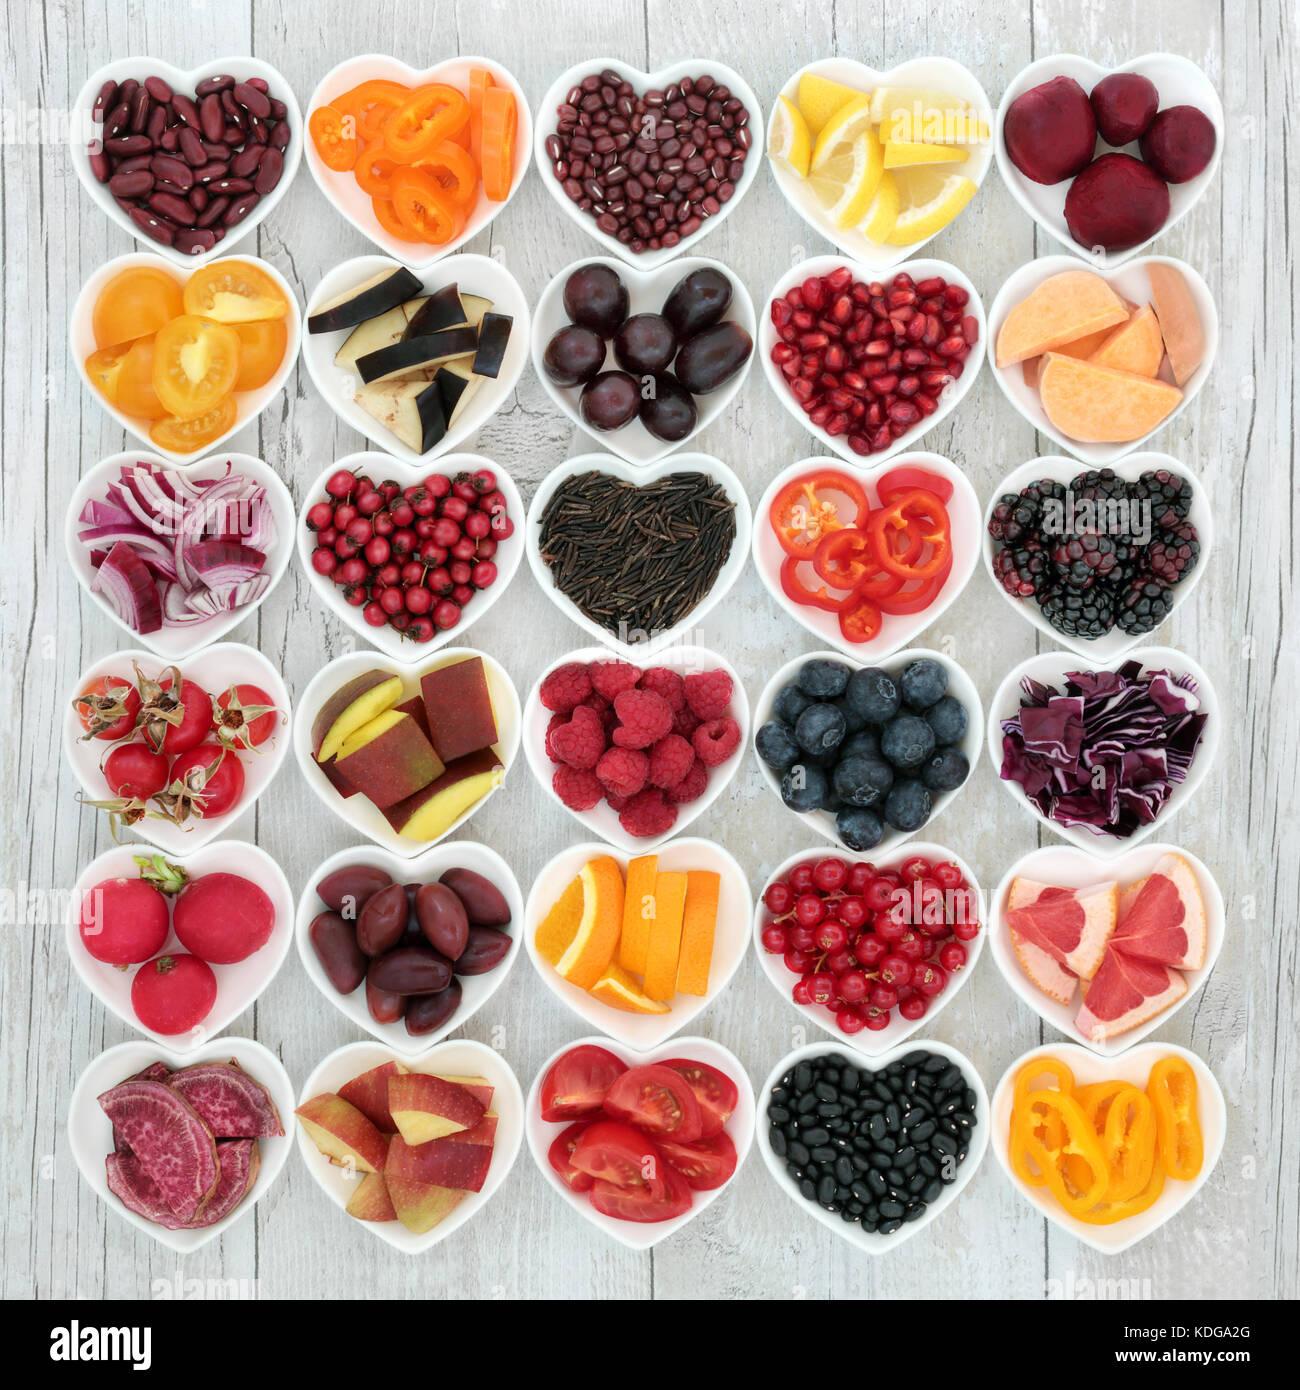 Das gesunde Essen super Essen gute Gesundheit mit Obst, Gemüse, Getreide und Hülsenfrüchte in Herzform Stockbild